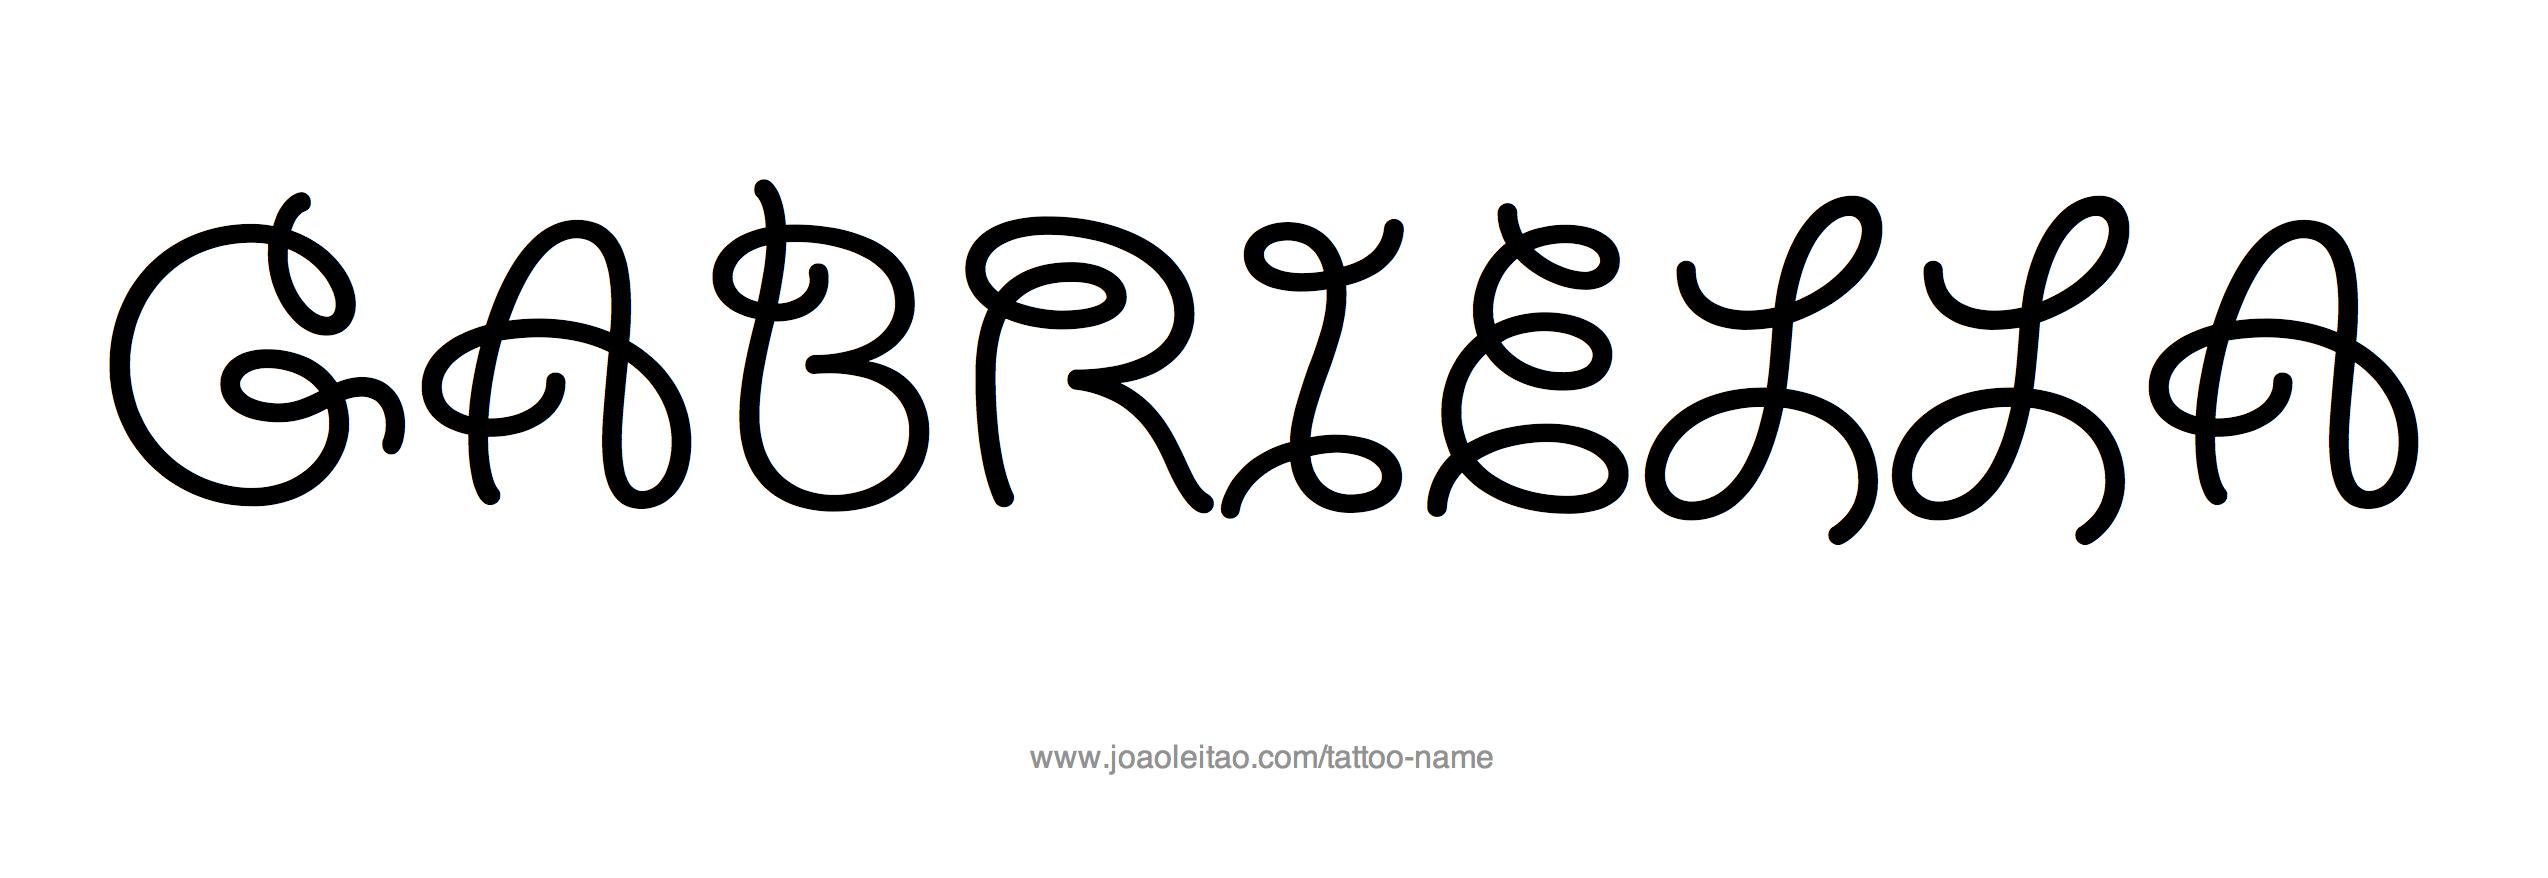 Tattoo Design Name Gabriella